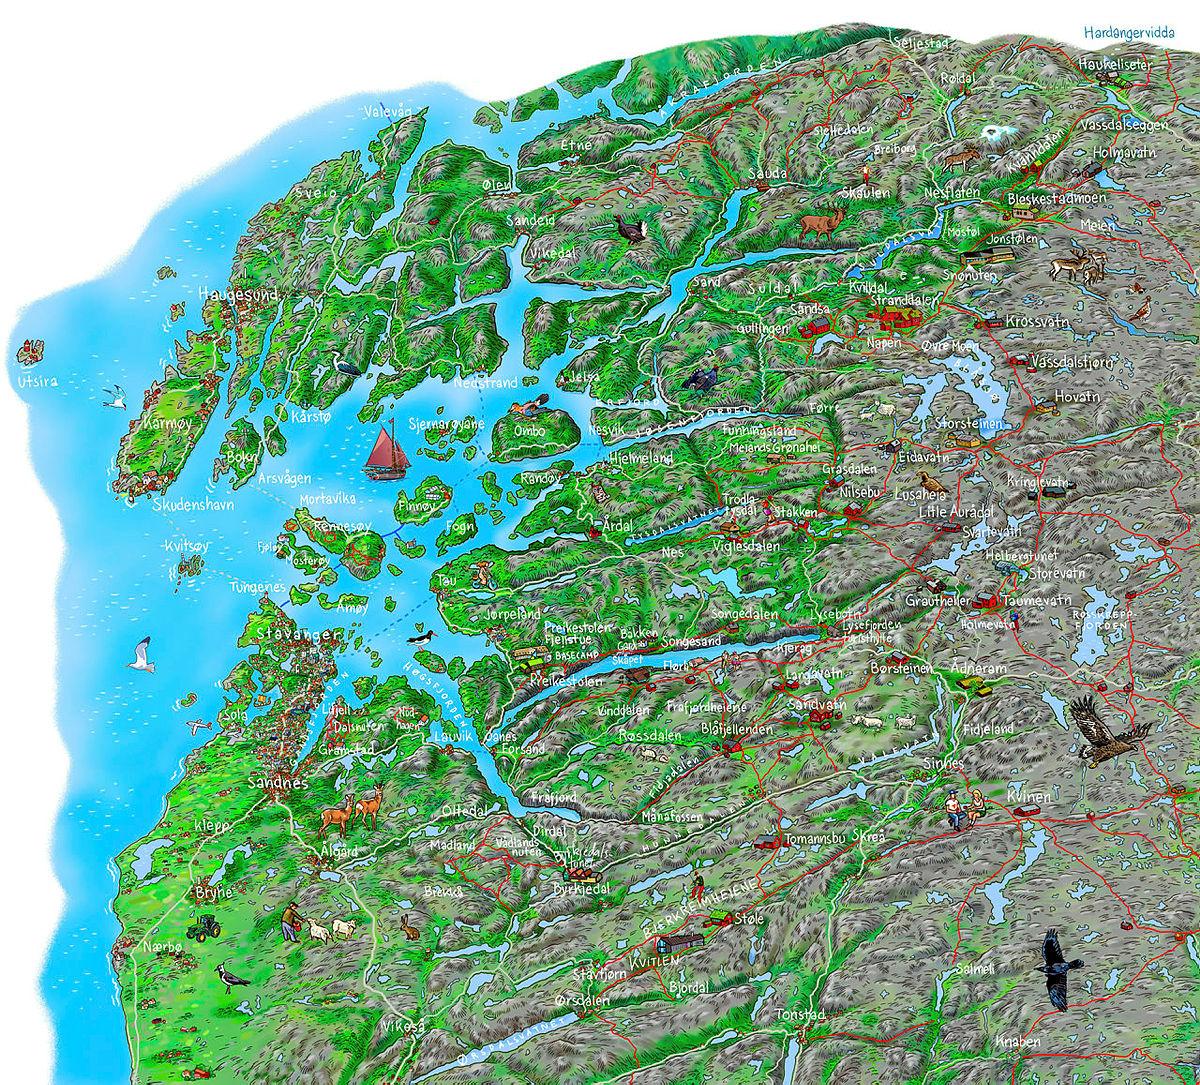 Hytter og ruter i STF